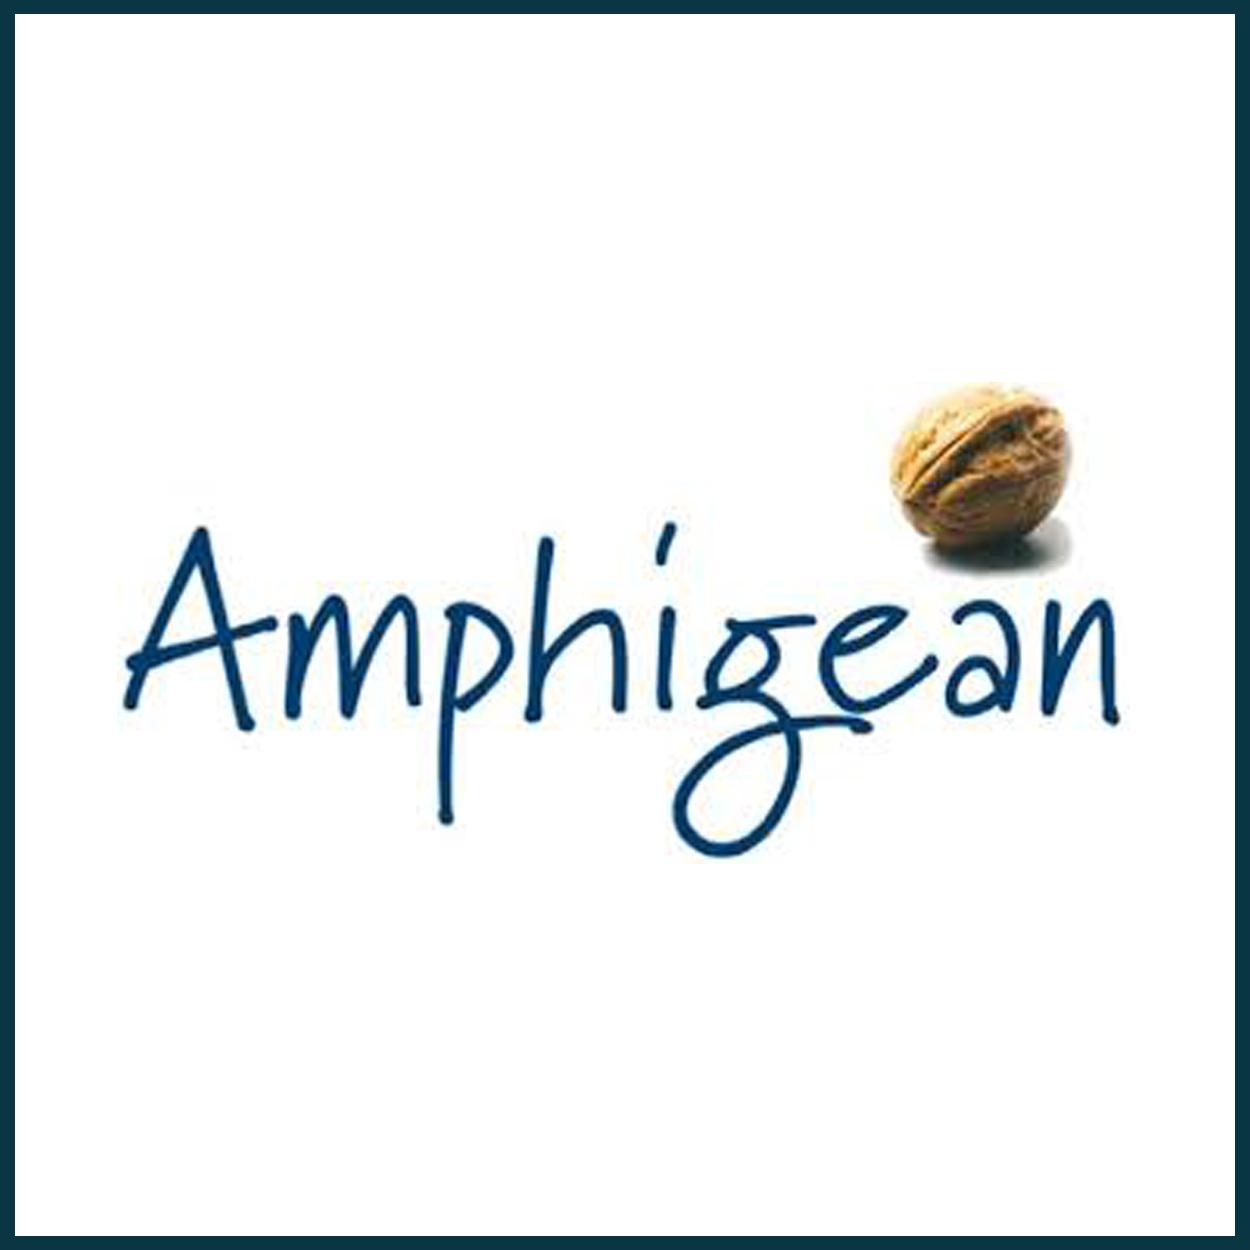 Amphigean